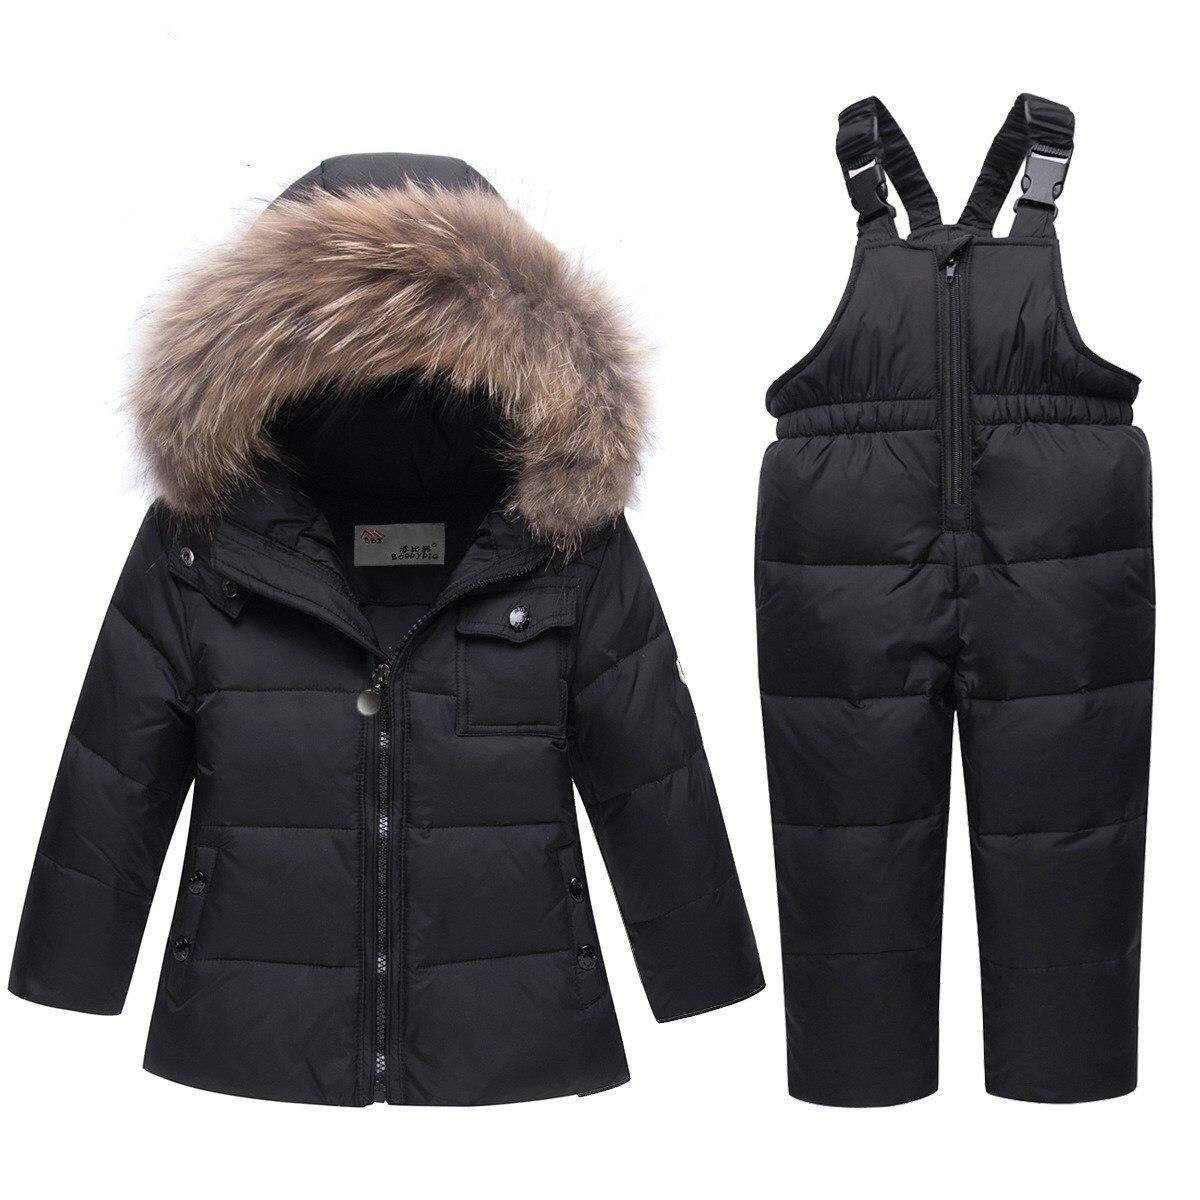 Nouveau-né Bébé D'hiver Parkas Russie Hiver Enfants Filles Garçons Habineige Salopette Chaud Bébé Vêtements Habit de Neige D'hiver Combinaison De Neige